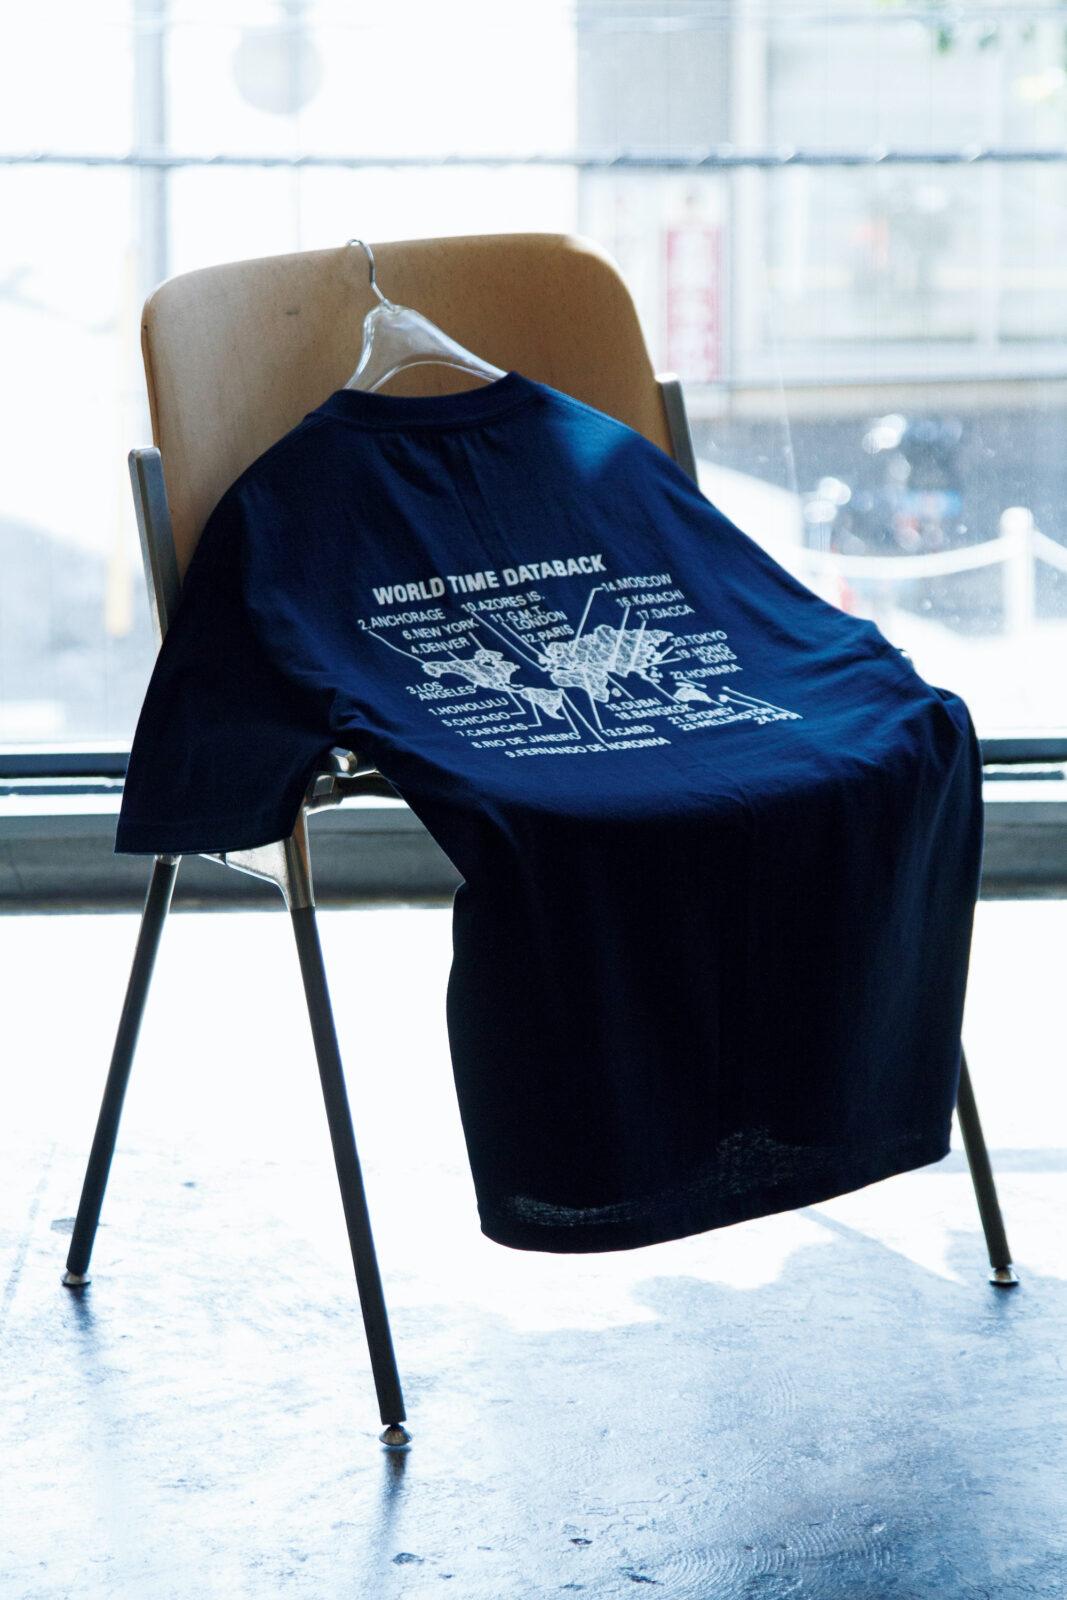 服好きの間で話題の東京ブランド、ニューアングルとの別注Tシャツ。こちらは90年代に発売された某カメラメーカーのデザインがソース。